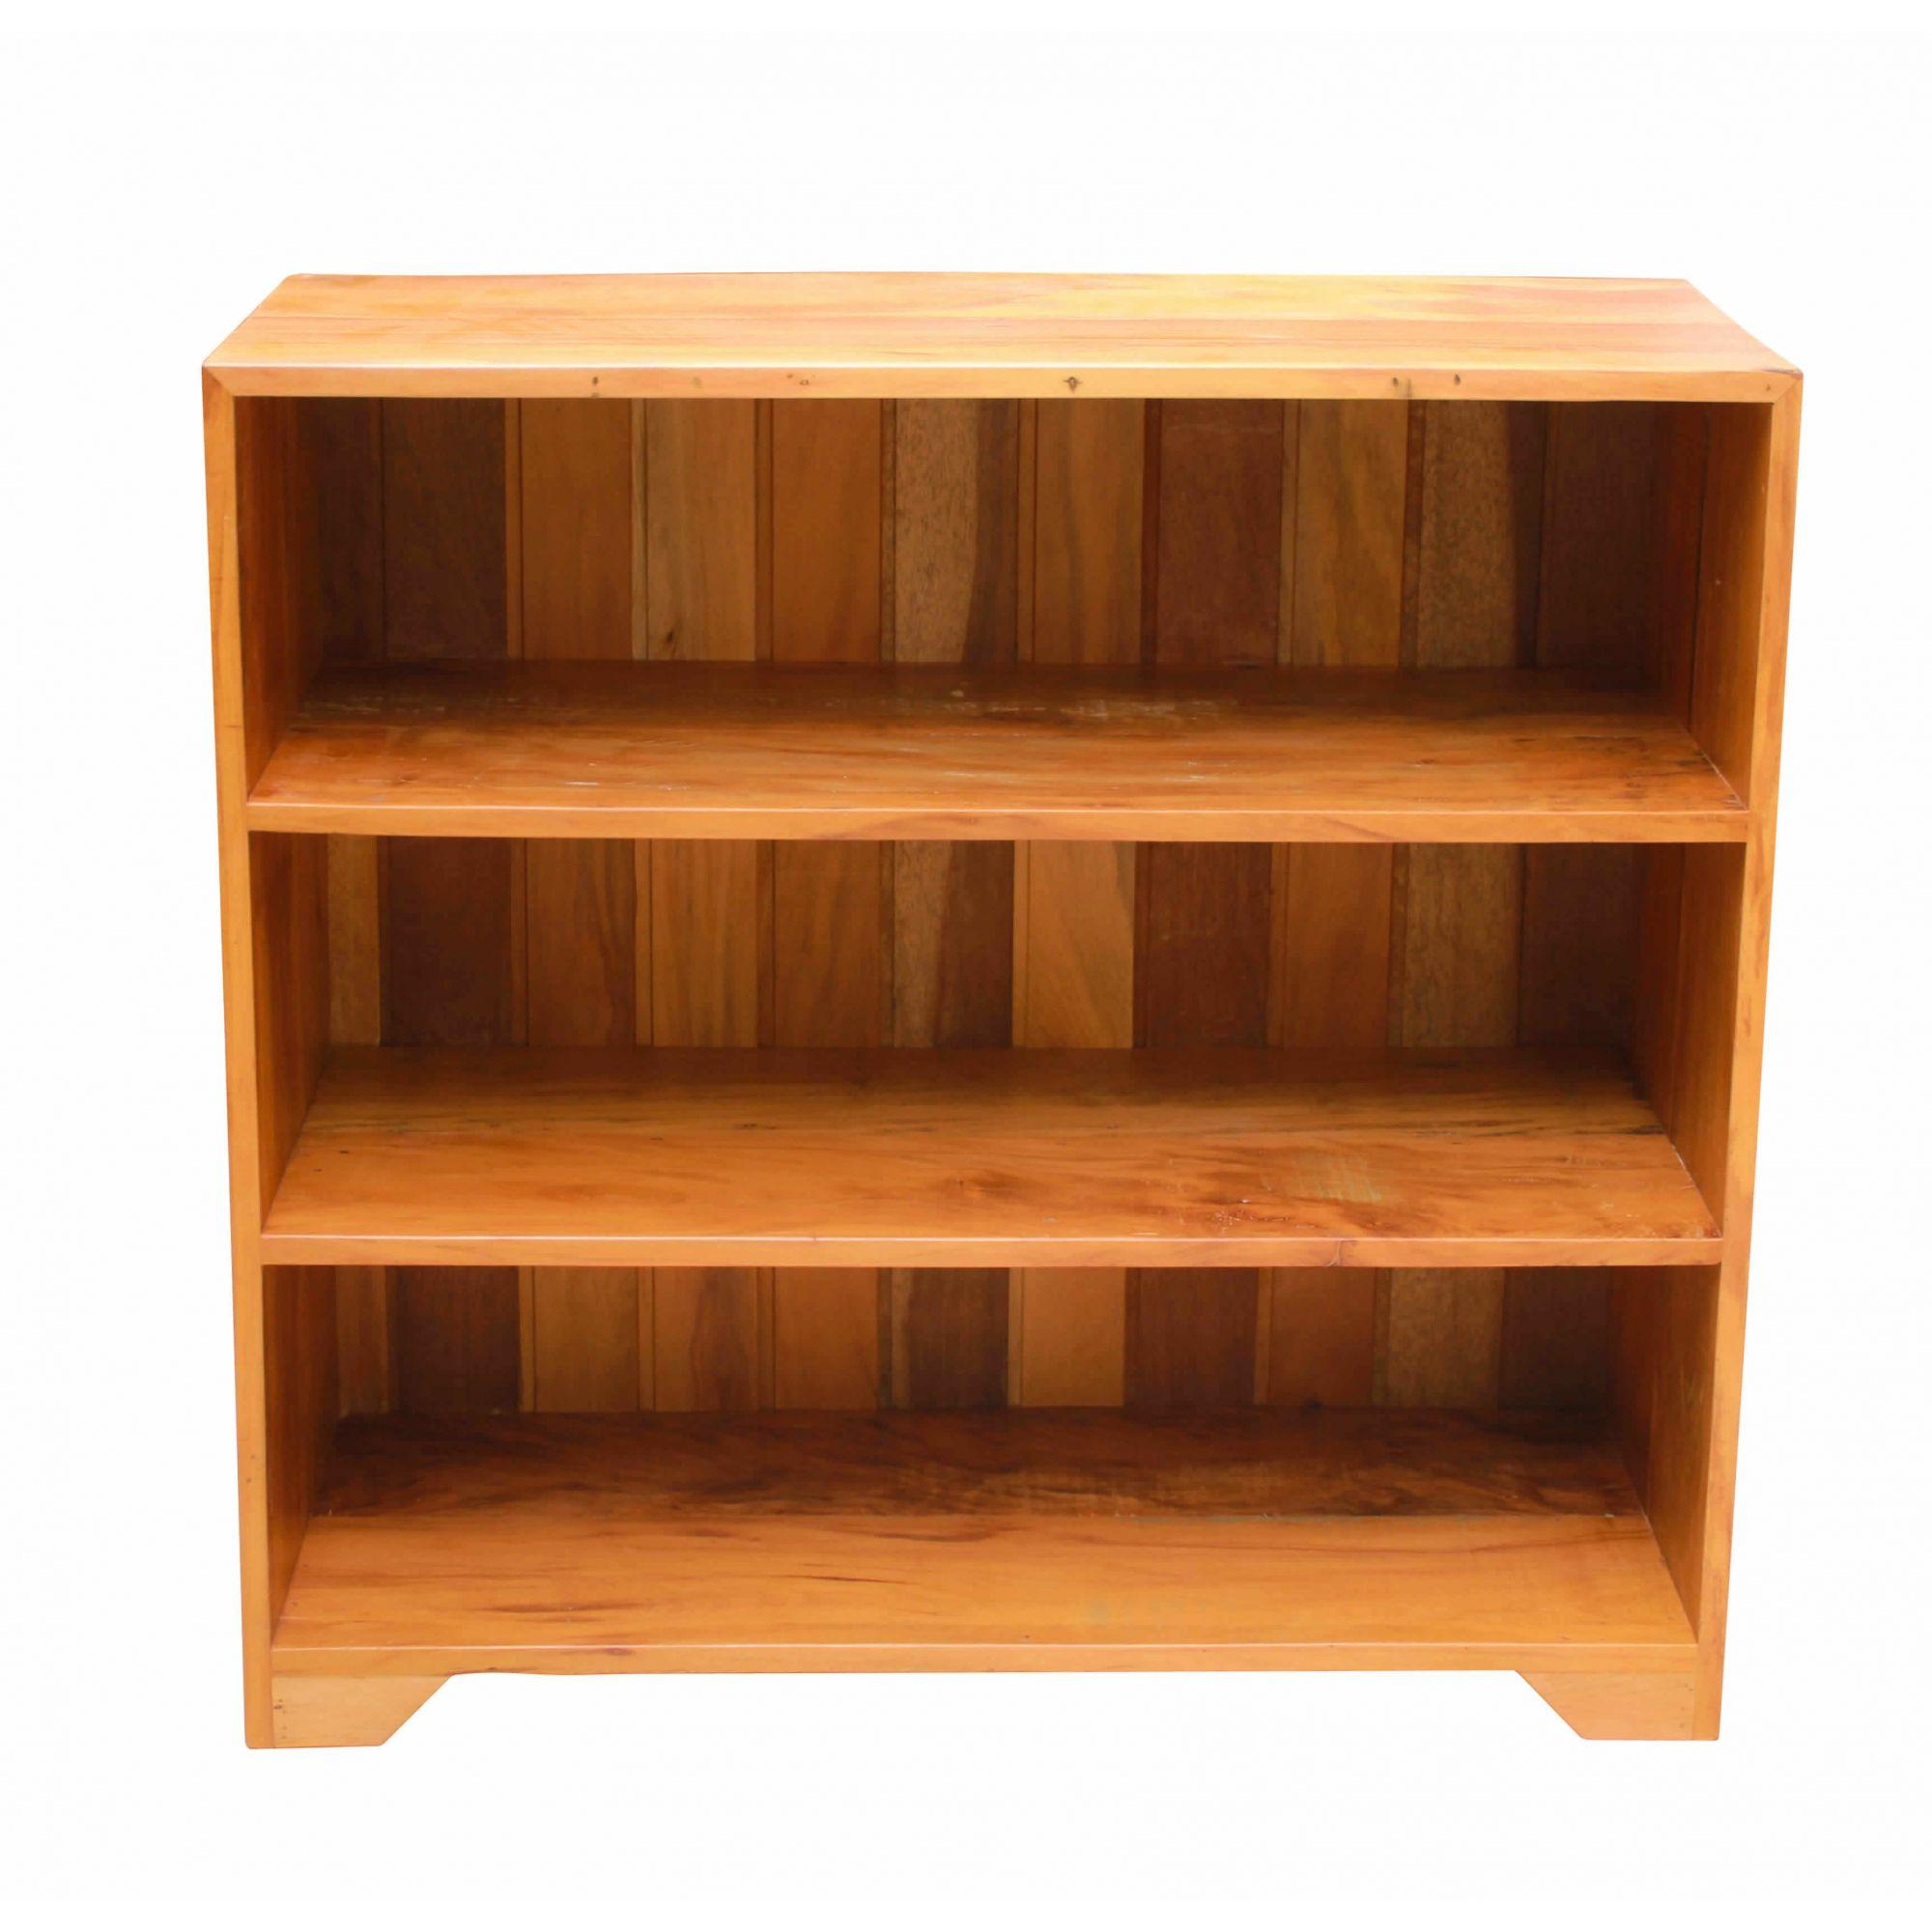 Estante Para Livros 3 Divisórias Em Madeira De Demolição Medindo 1,10x35x1,00